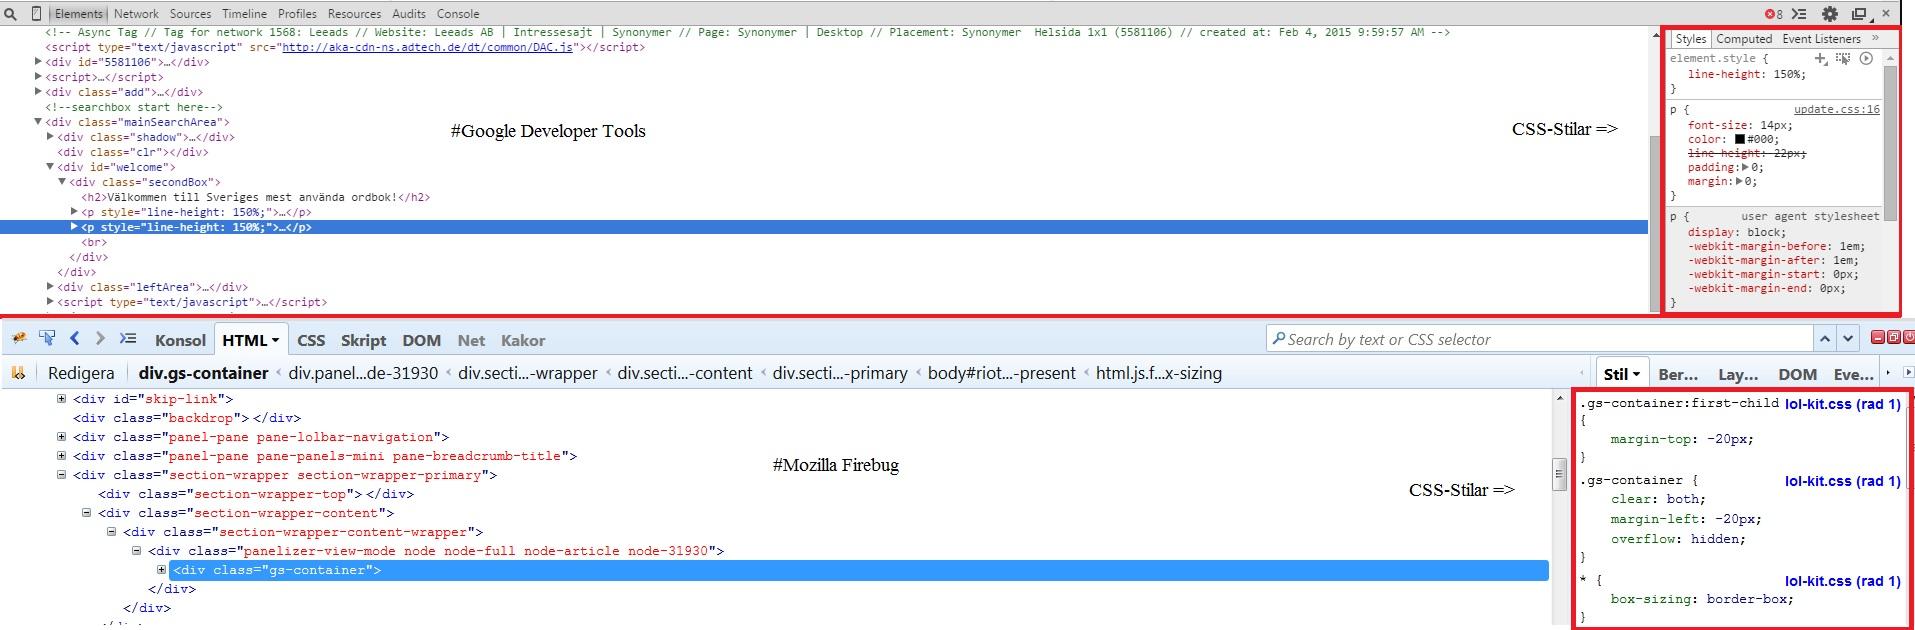 Printscreen där CSS-stilarna visas i både Mozilla firebug såväl som Google Dev tools